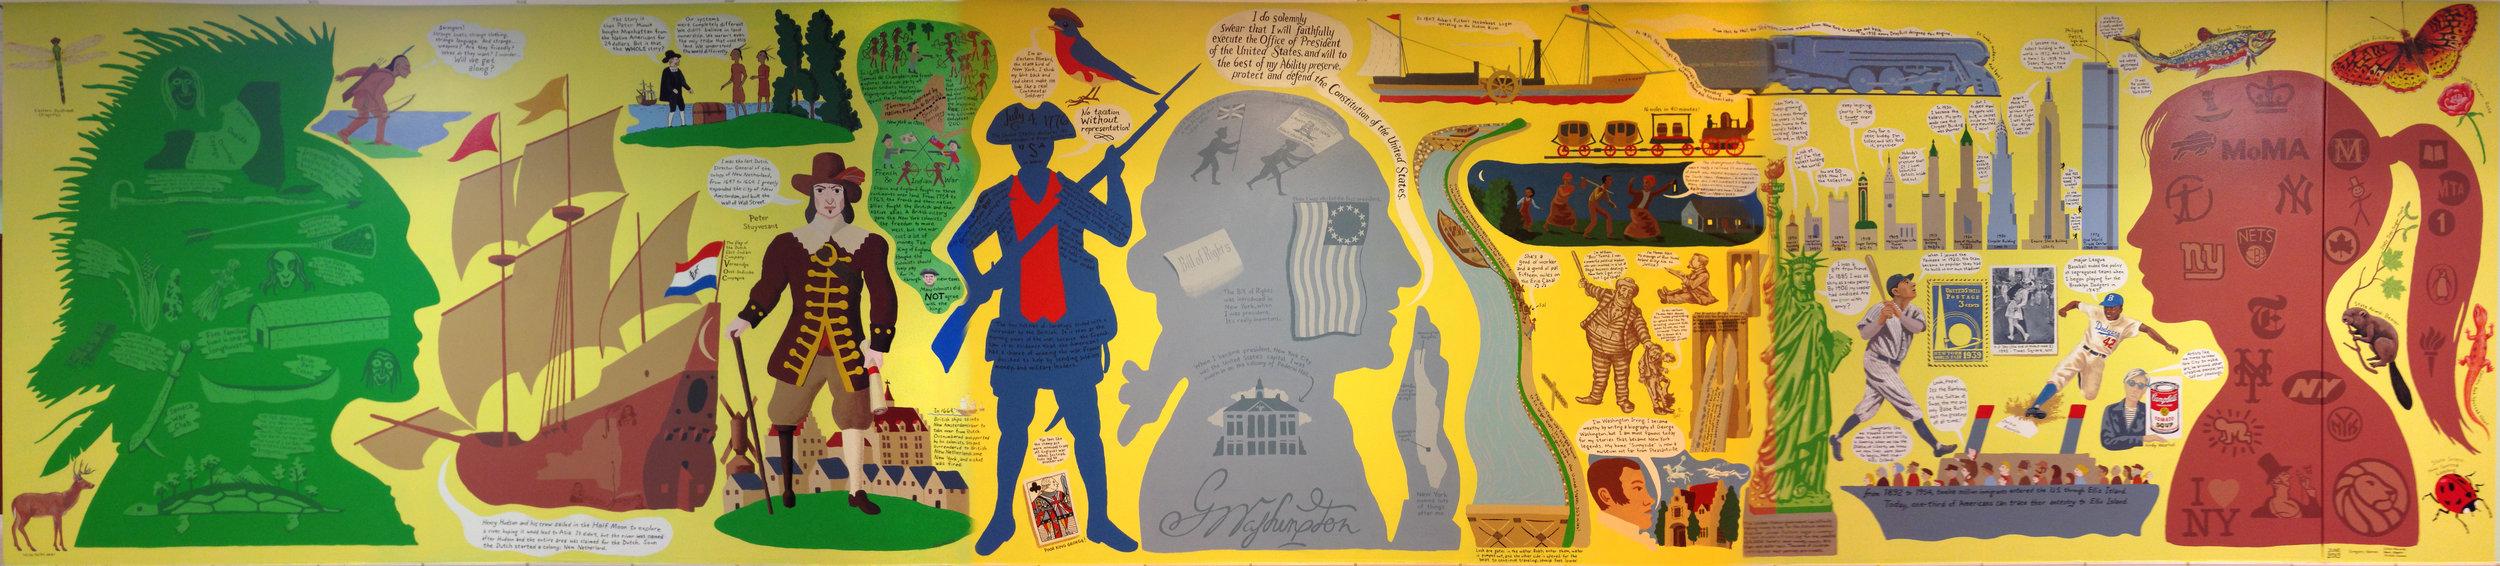 mural new york history.jpg